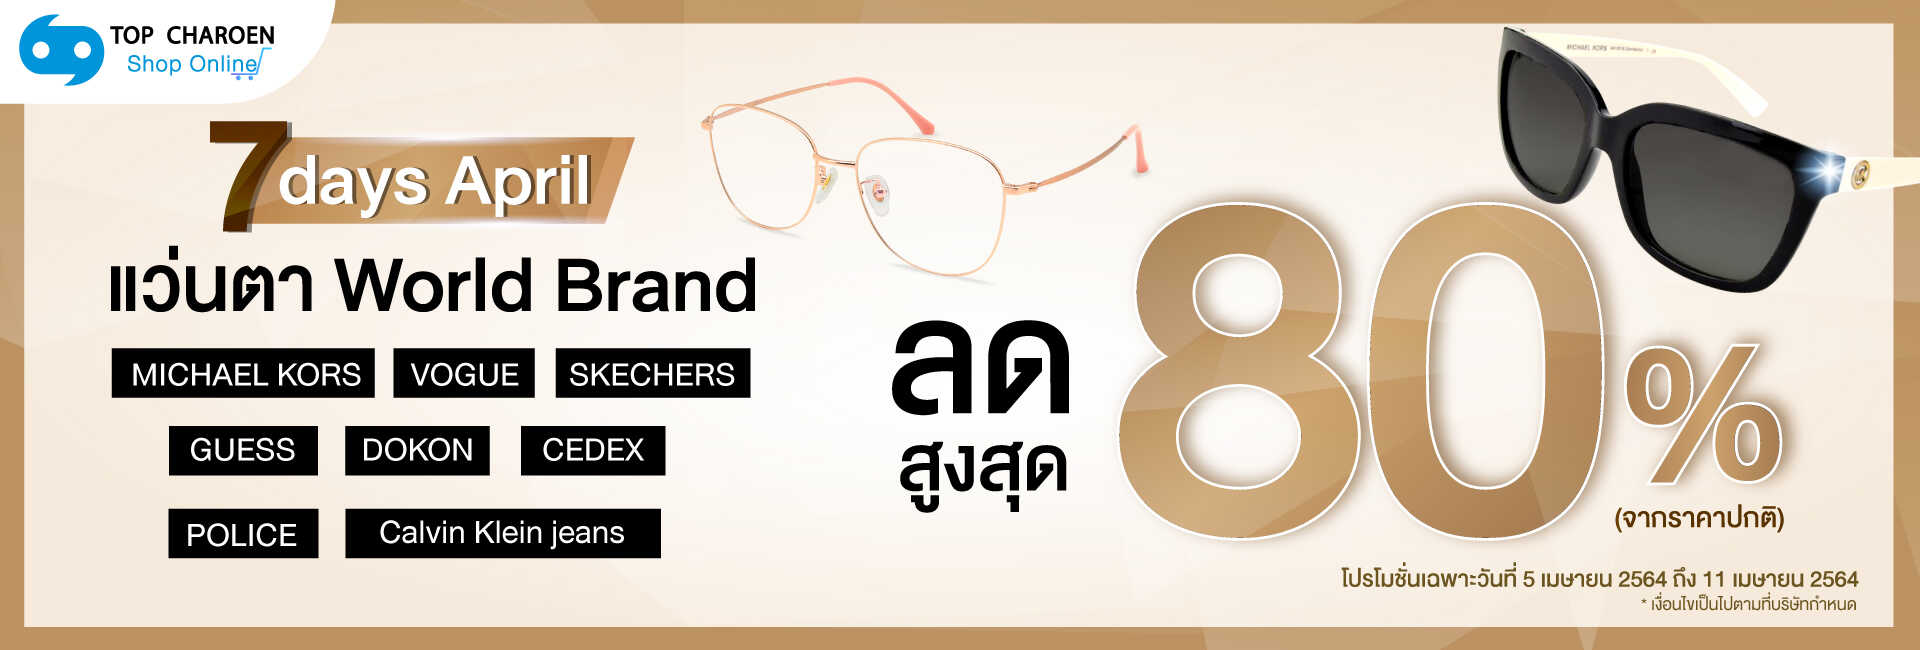 7 Days April แว่นตา World Brand ลดสูงสุด 80%